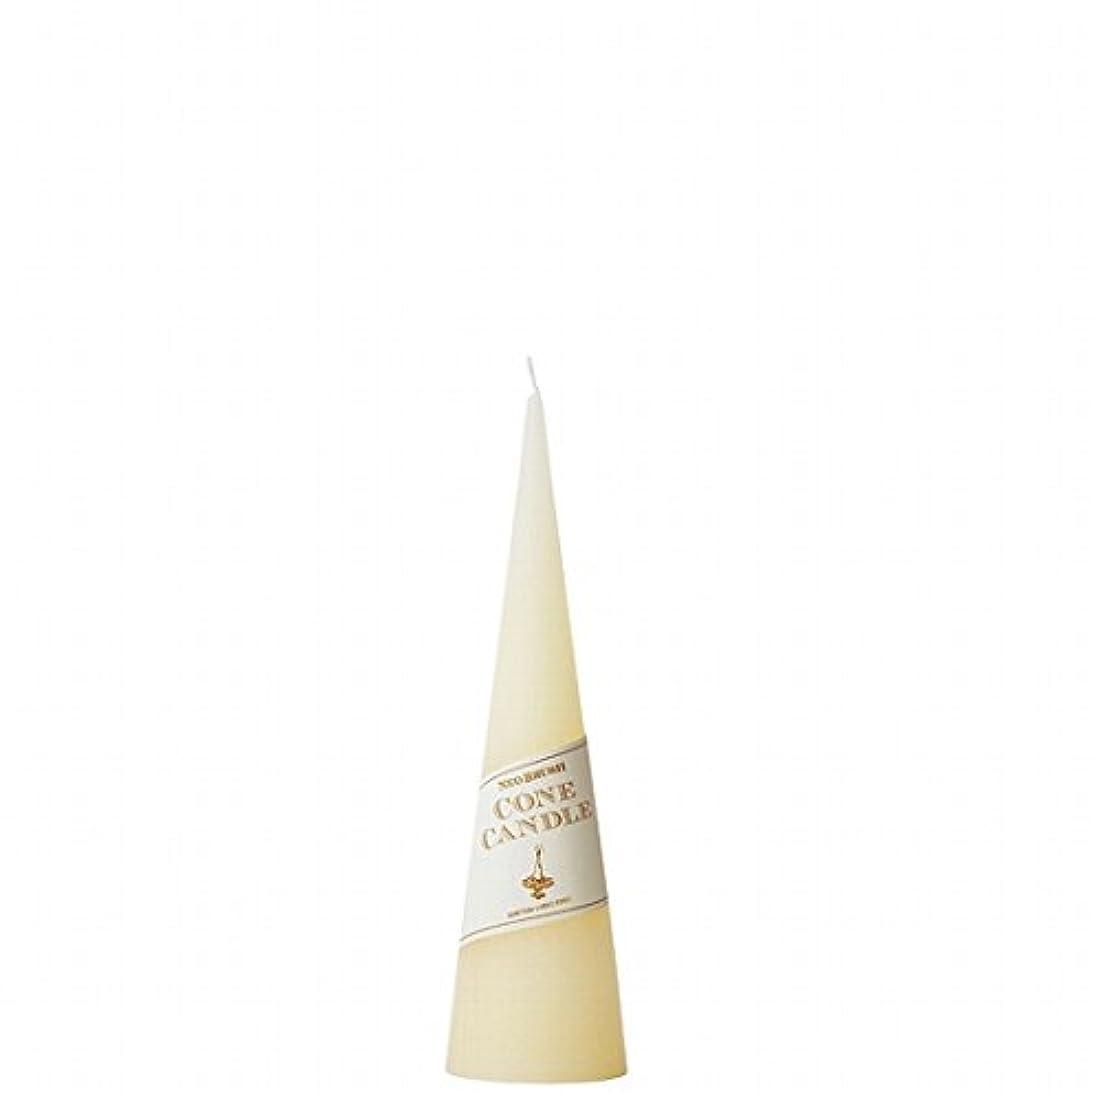 脅威いつかゼロkameyama candle(カメヤマキャンドル) ネオブラッシュコーン 180 キャンドル 「 アイボリー 」(A9750010IV)